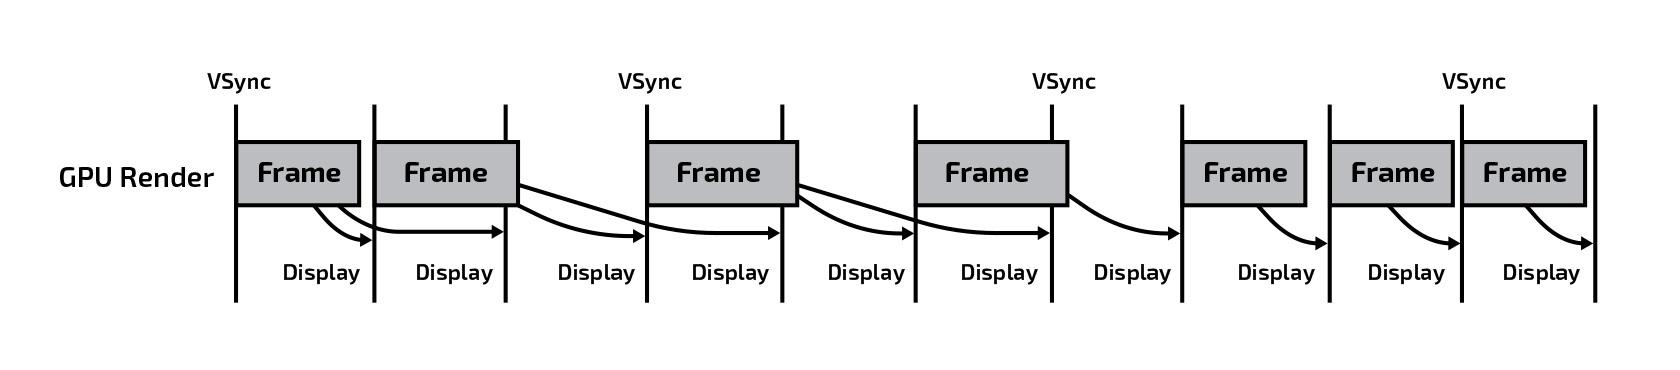 Автооптимизация виртуальной реальности или В чем разница между репроекцией, timewarp и spacewarp - 2